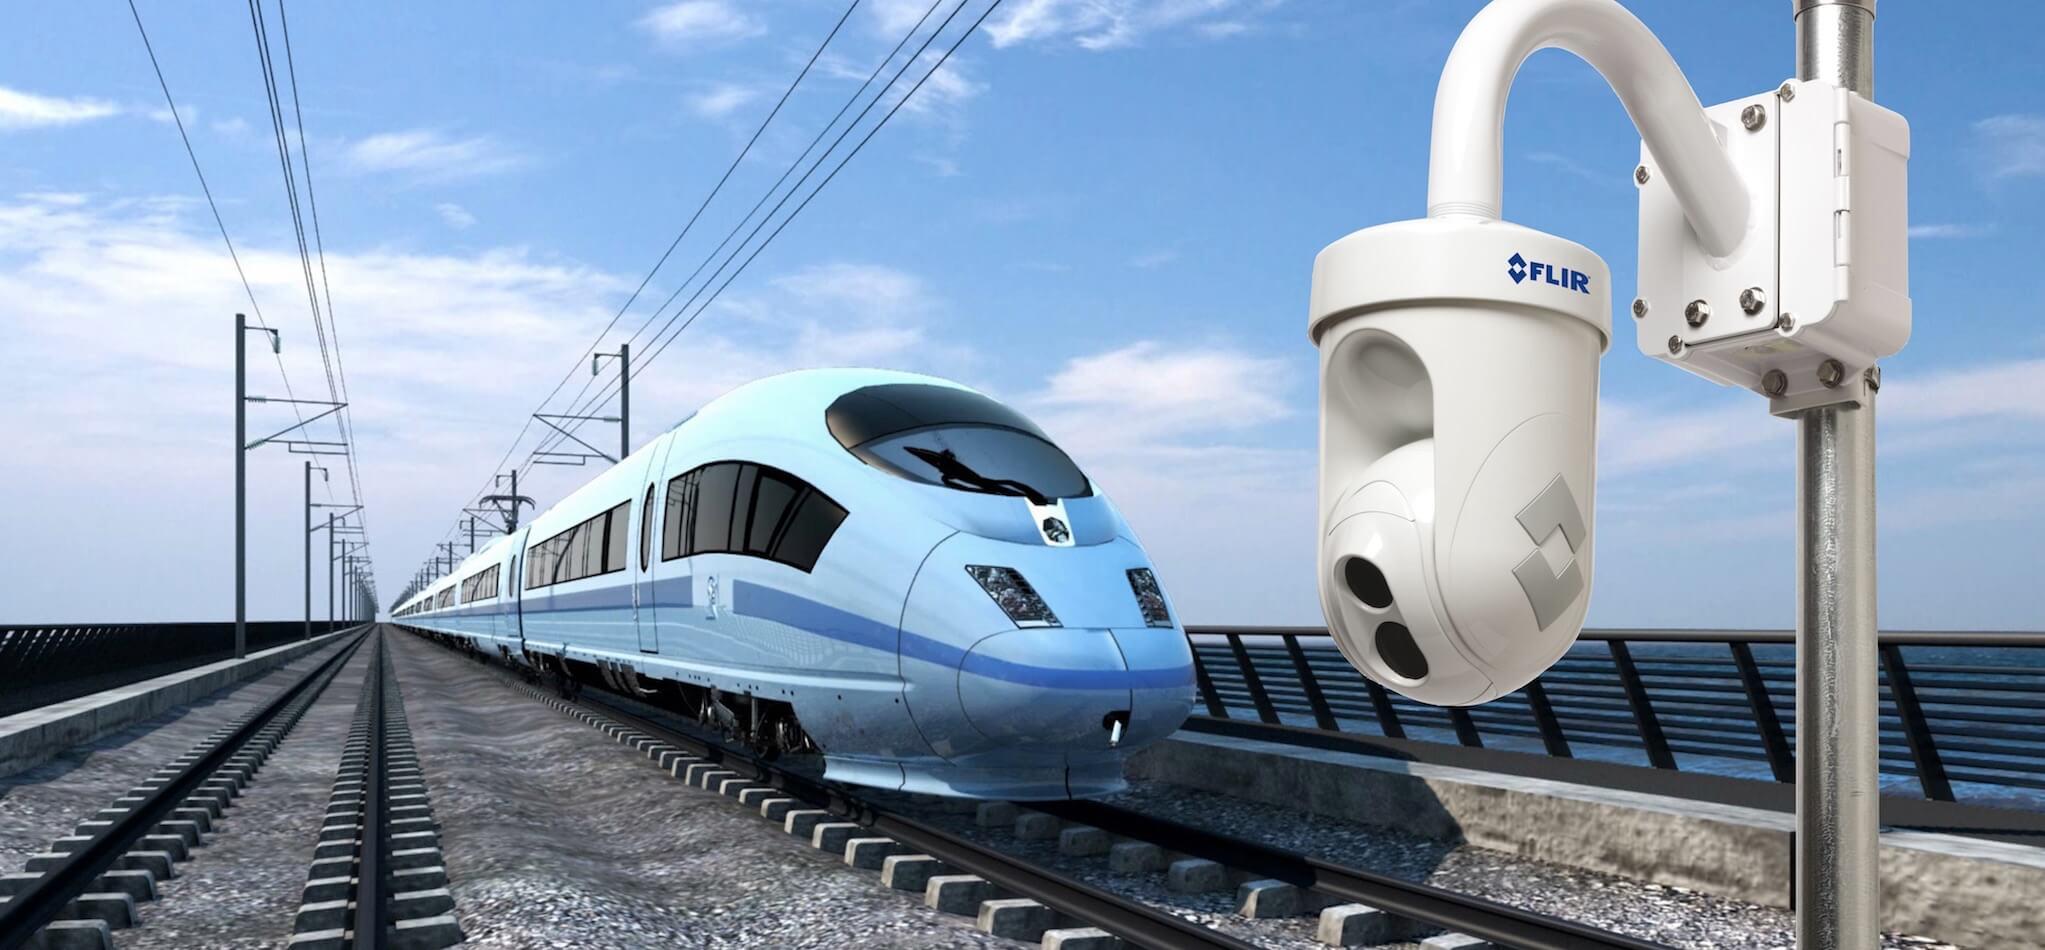 Тепловизионные системы как составляющая Безопасной железной дороги